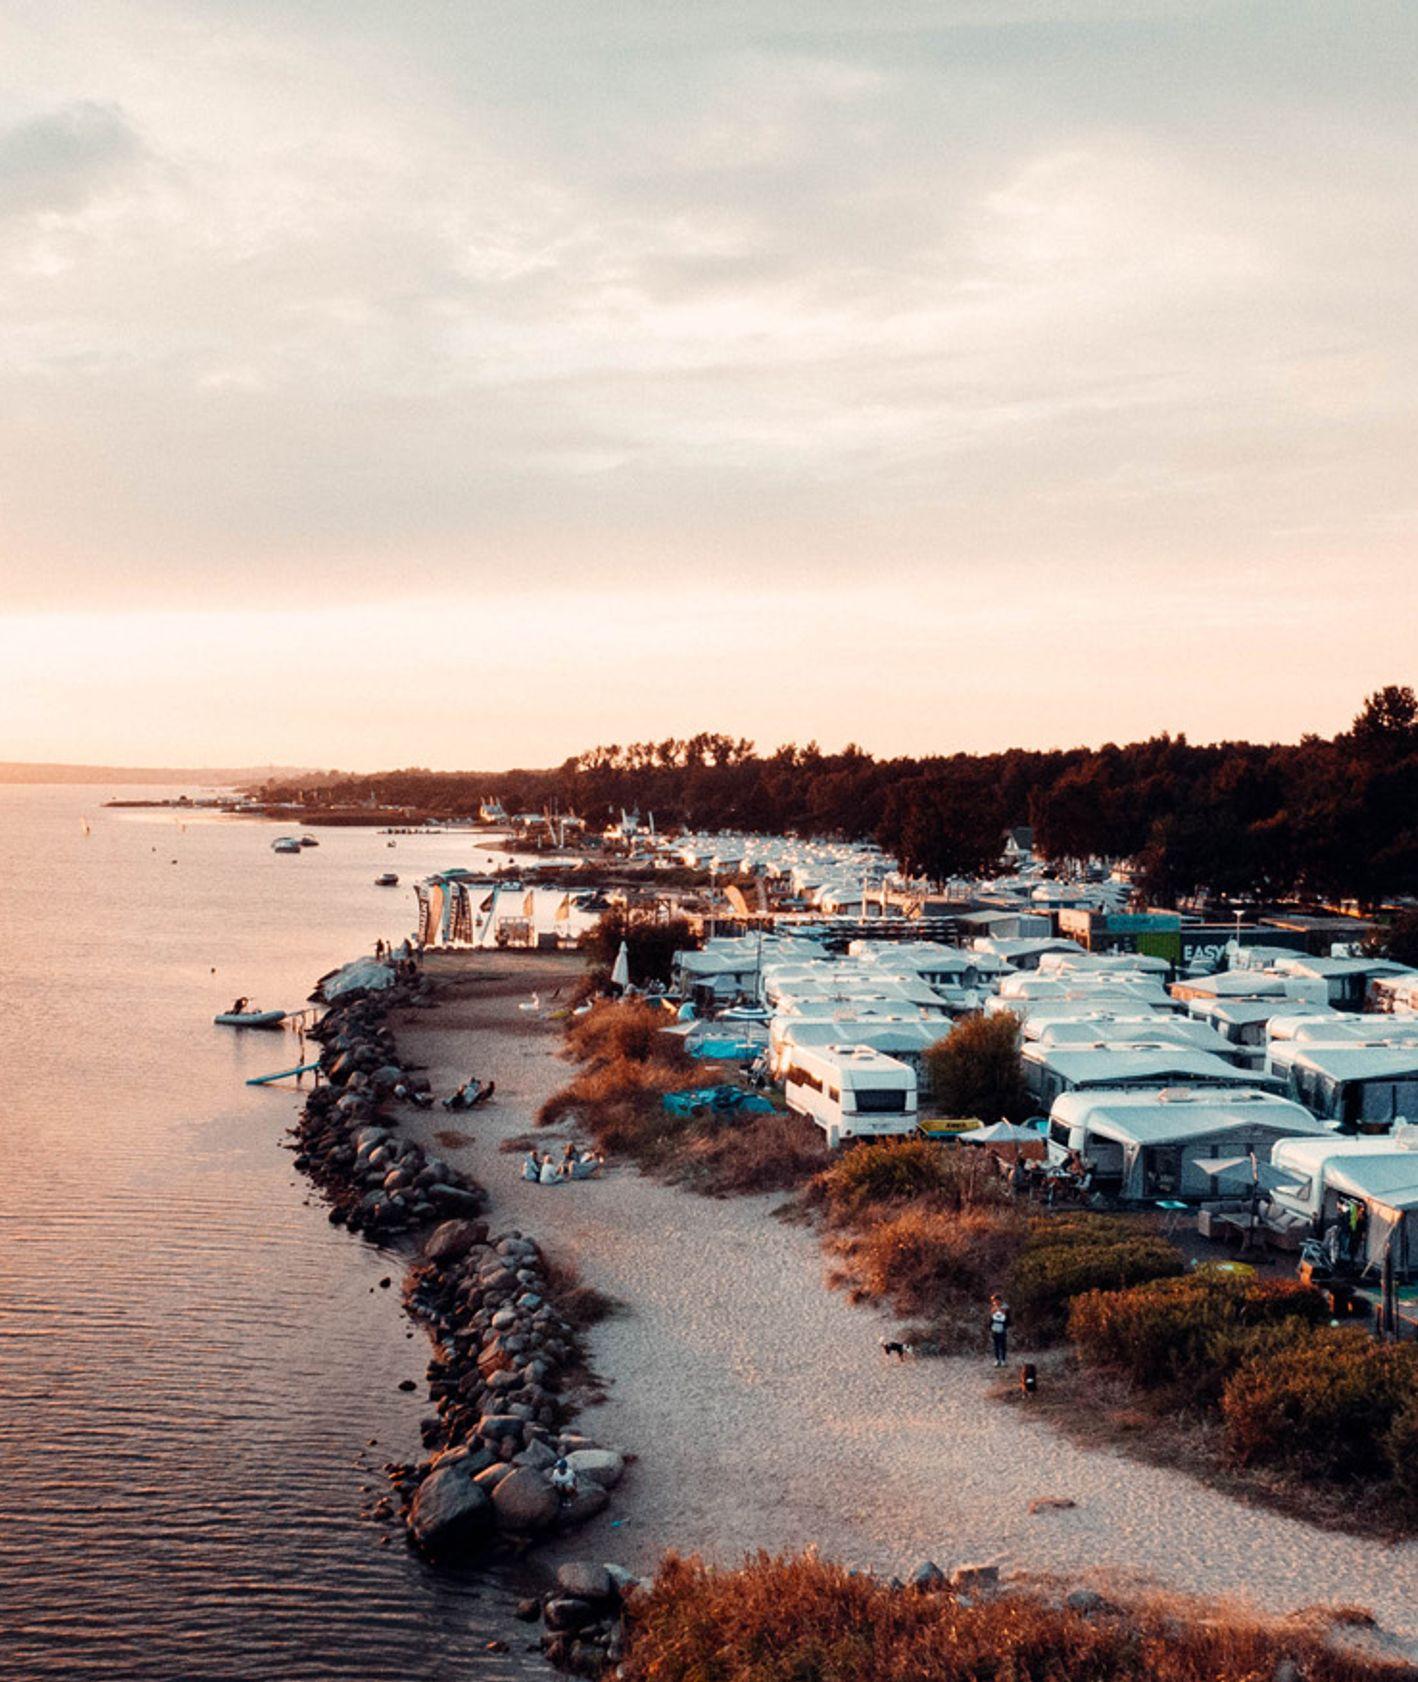 Chałupy 6, wyjazd nad morze, kemping, spokojne wakacje, wypoczynek (fot. Slow Polska)